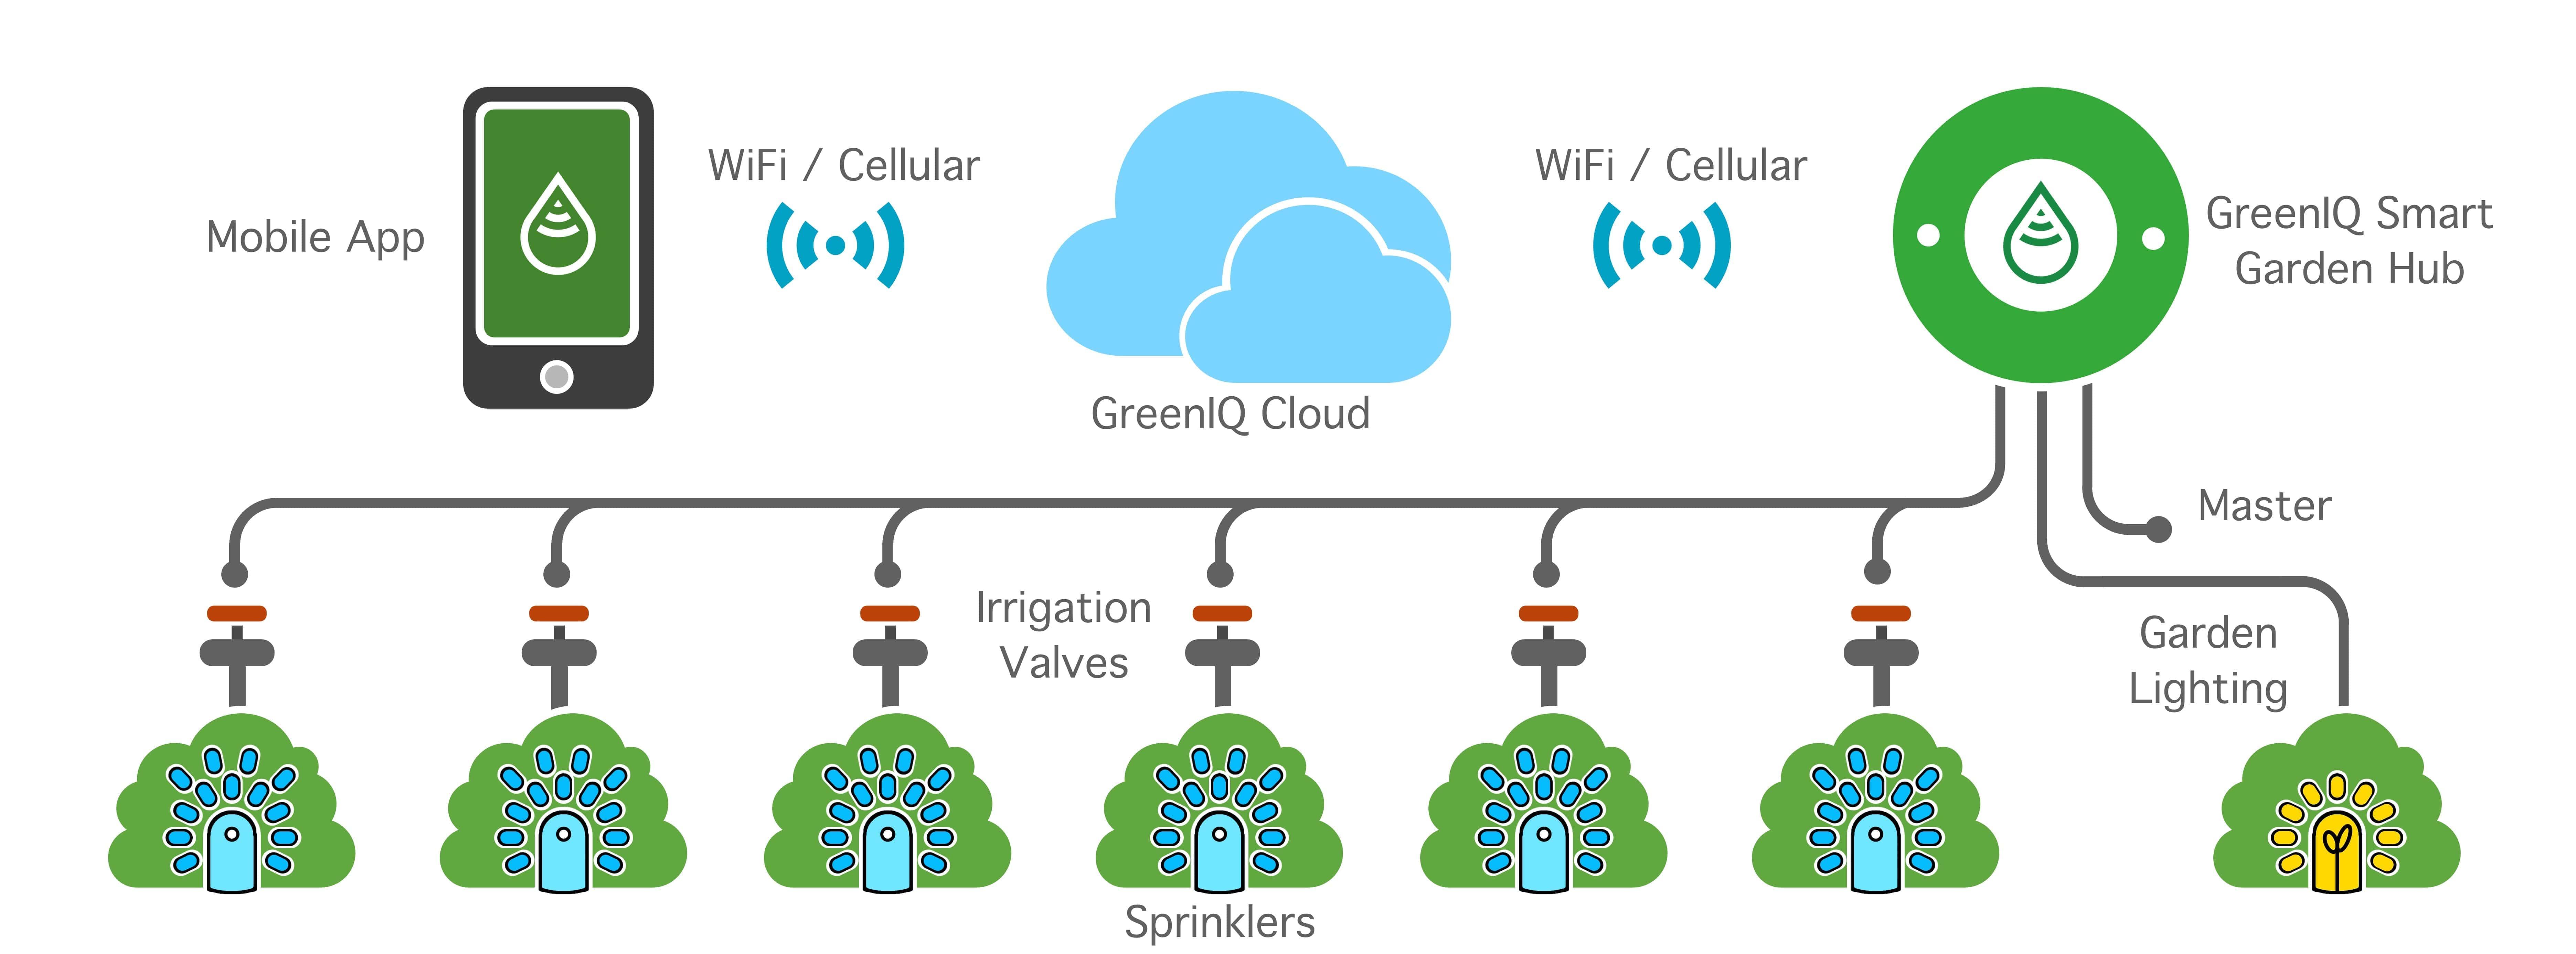 Controlador de riego inteligente wifi desde el m vil o tablet for Instalacion riego automatico jardin